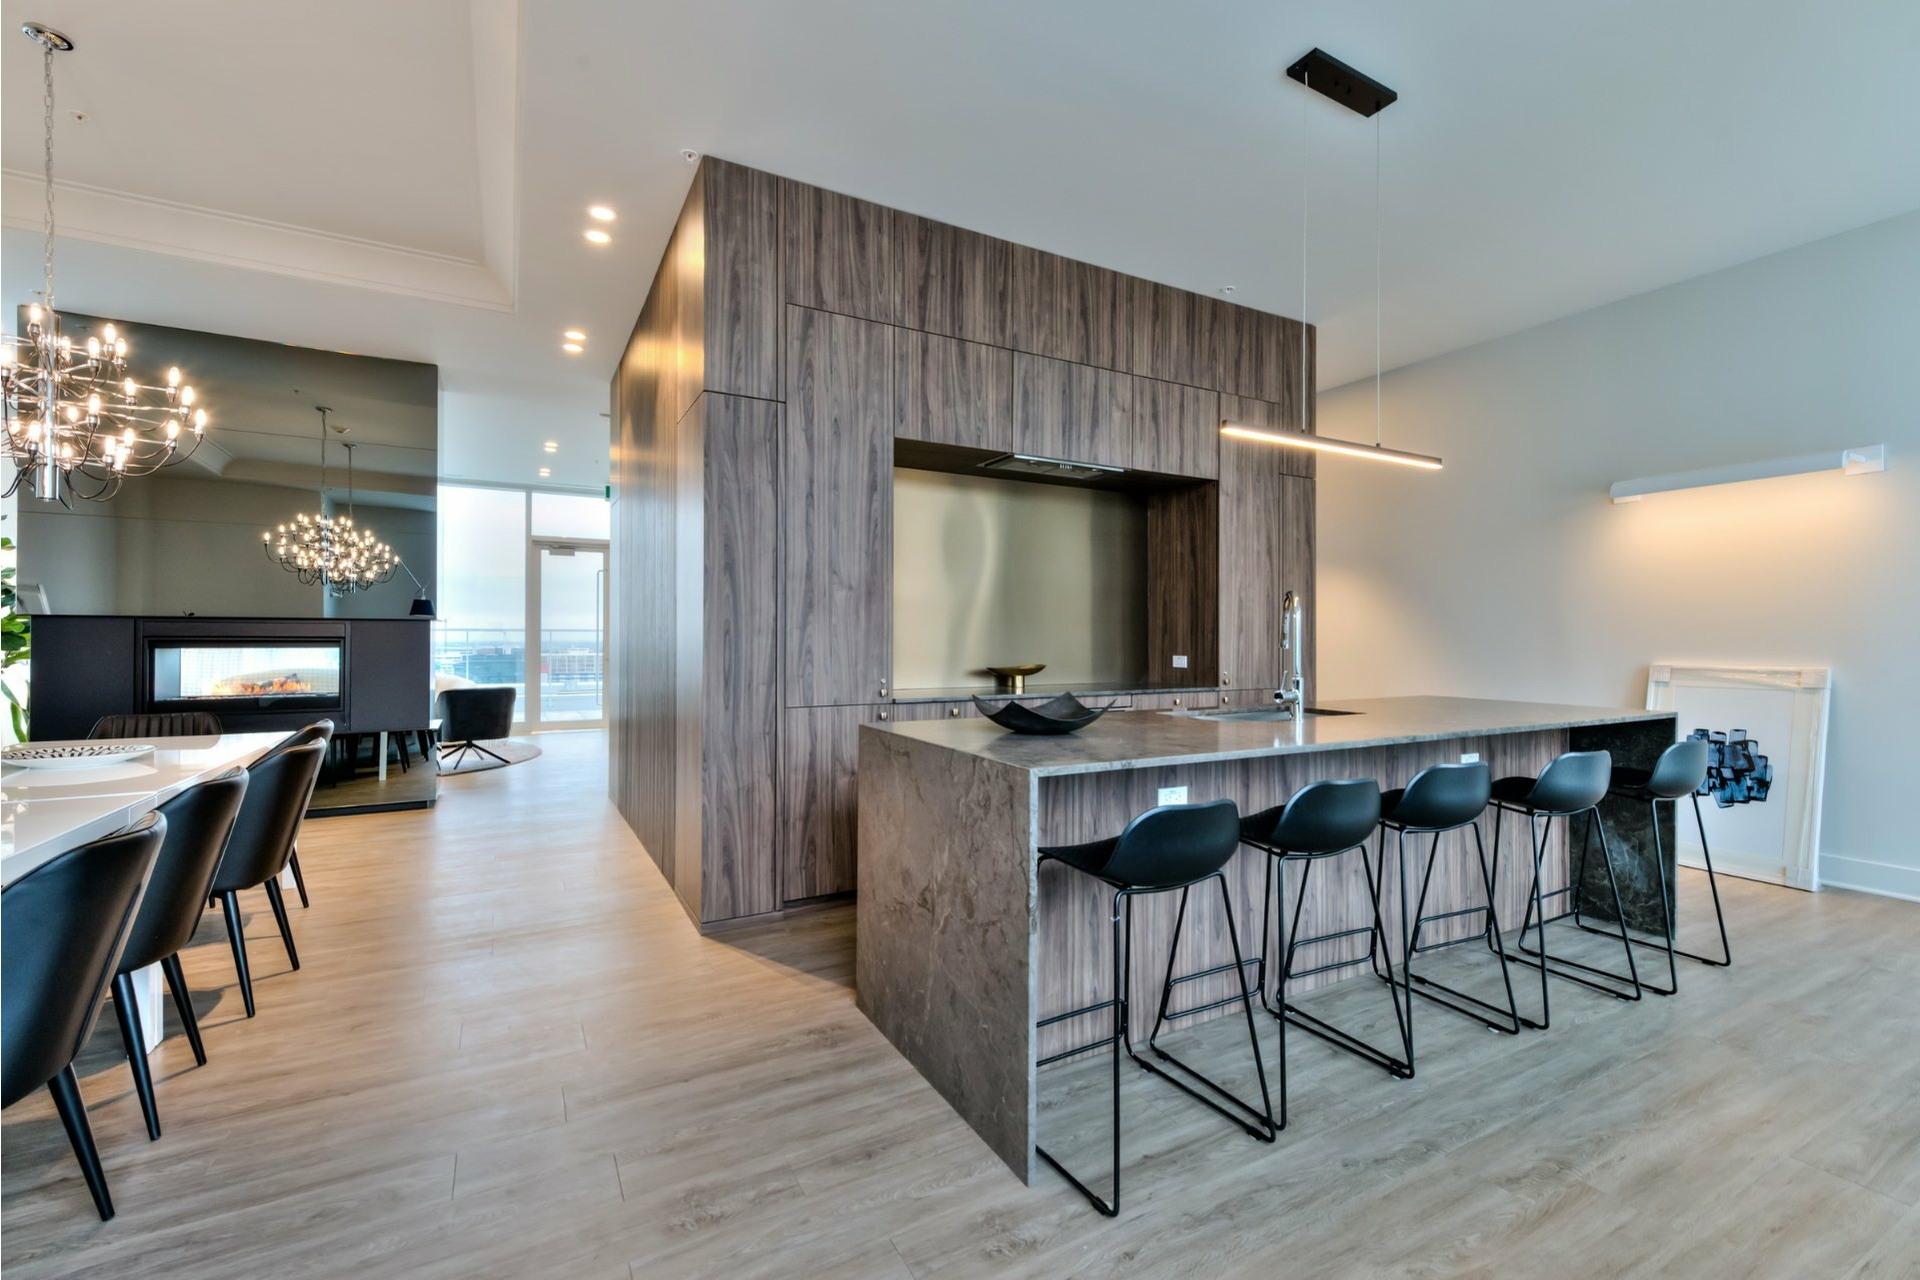 image 23 - Apartment For sale Côte-des-Neiges/Notre-Dame-de-Grâce Montréal  - 4 rooms